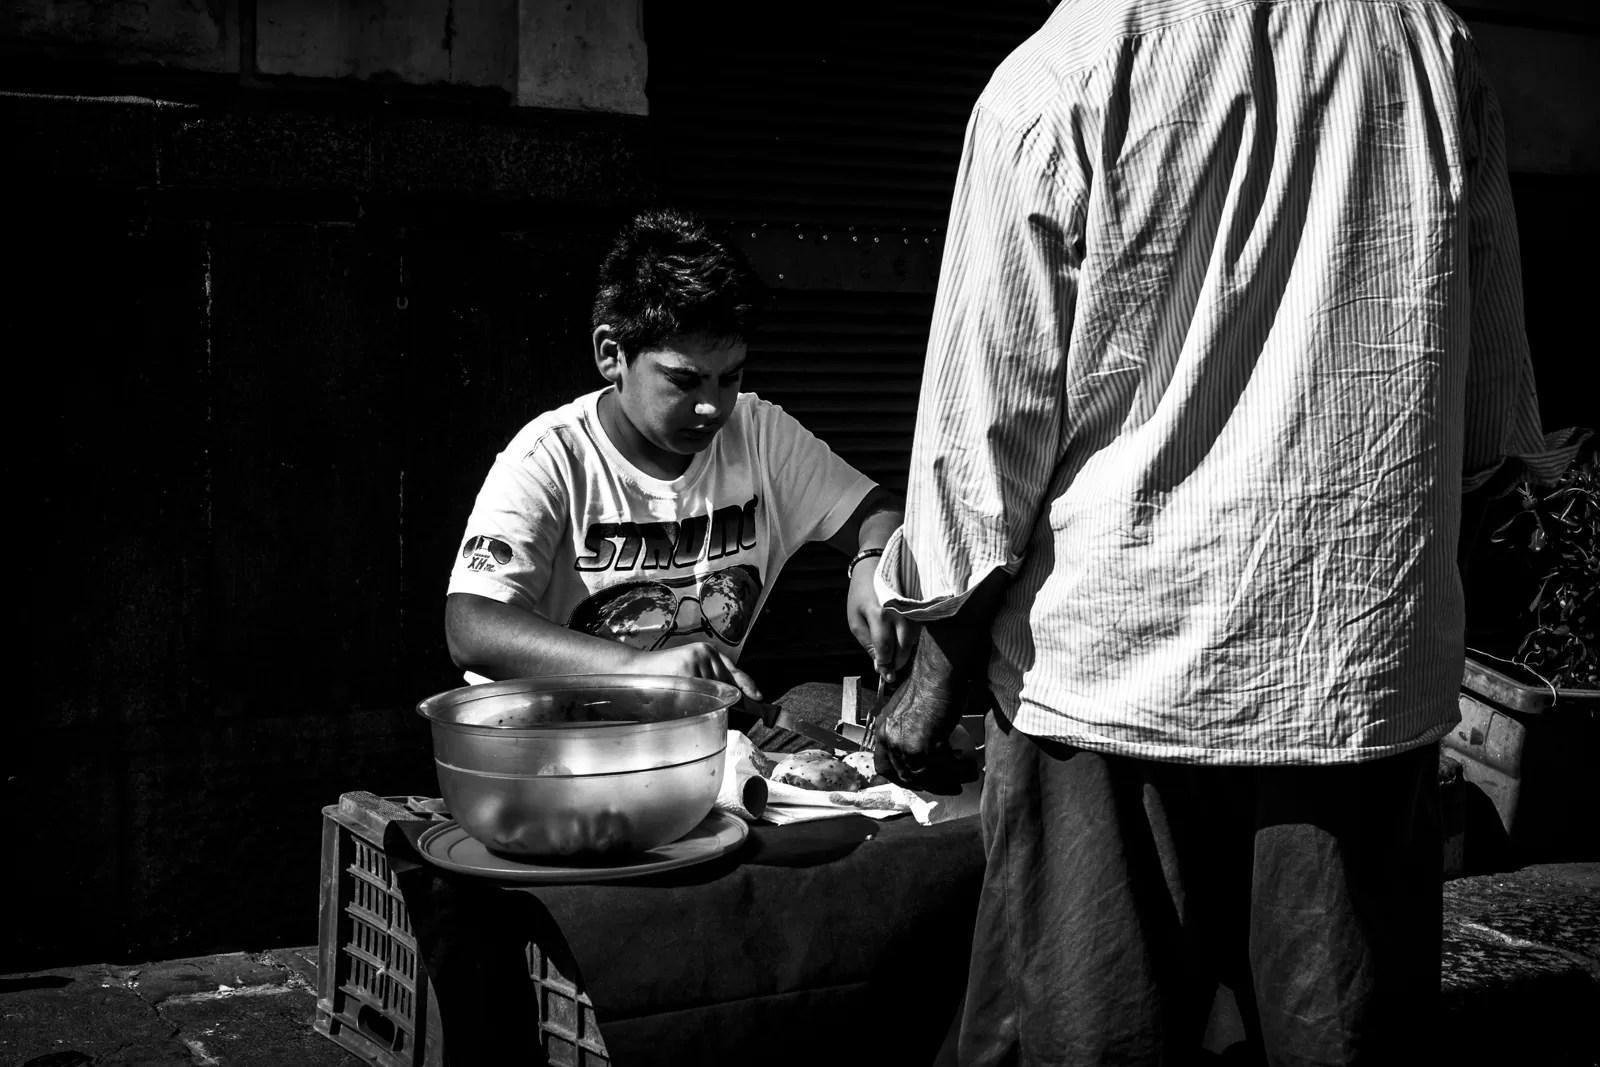 DSCF6244 - Priorità dei tempi e controllo dinamico della luce in street photography - fotostreet.it